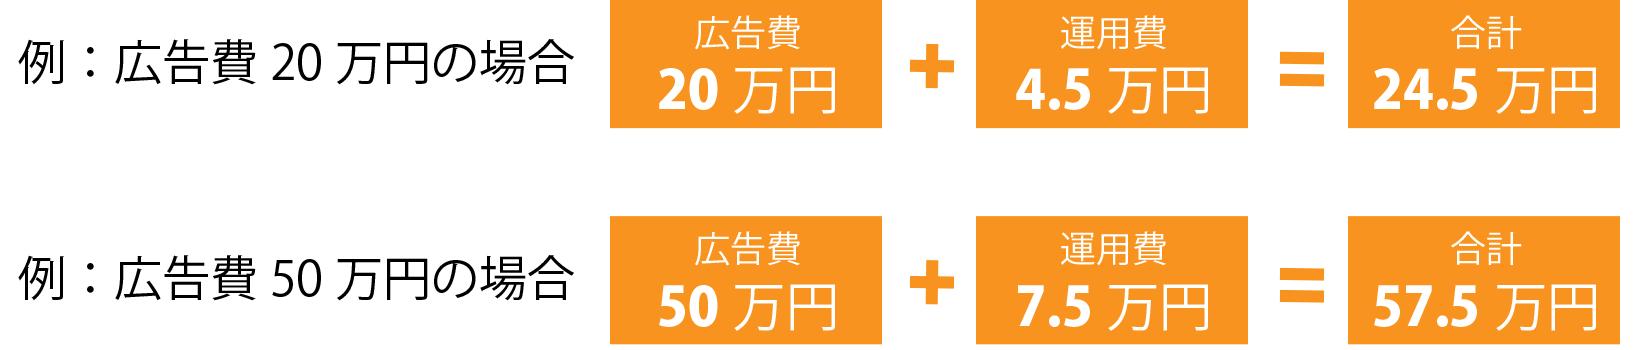 広告費20万円の場合、広告費20万円+運用費4.5万円=合計24.5万円